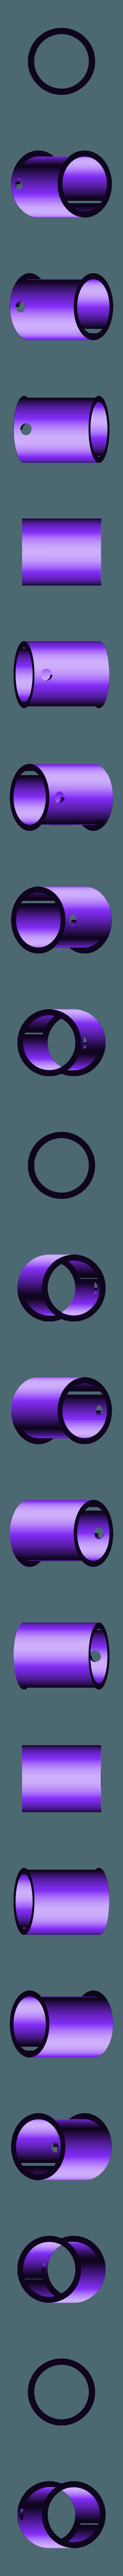 knob.stl Download free STL file Pair of compasses • 3D printing design, Job